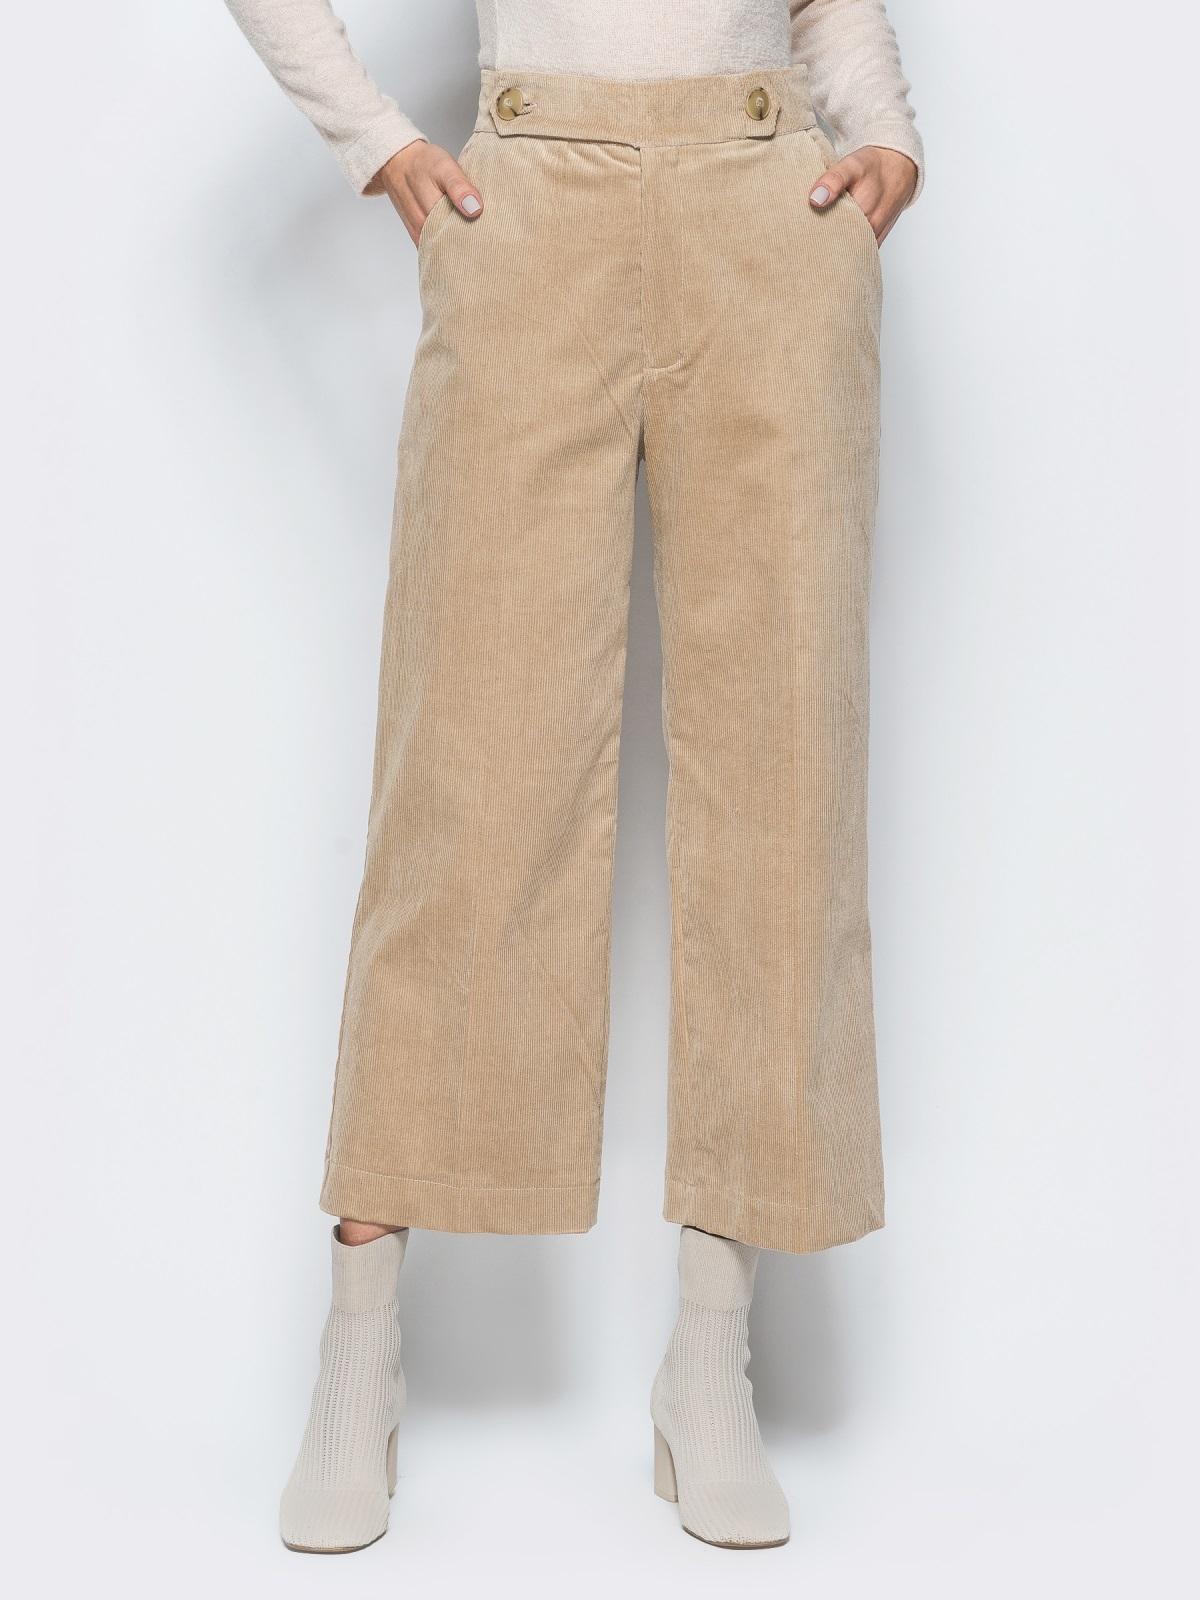 Вельветовые брюки-кюлоты бежевого цвета с высокой посадкой - 17241, фото 1 – интернет-магазин Dressa